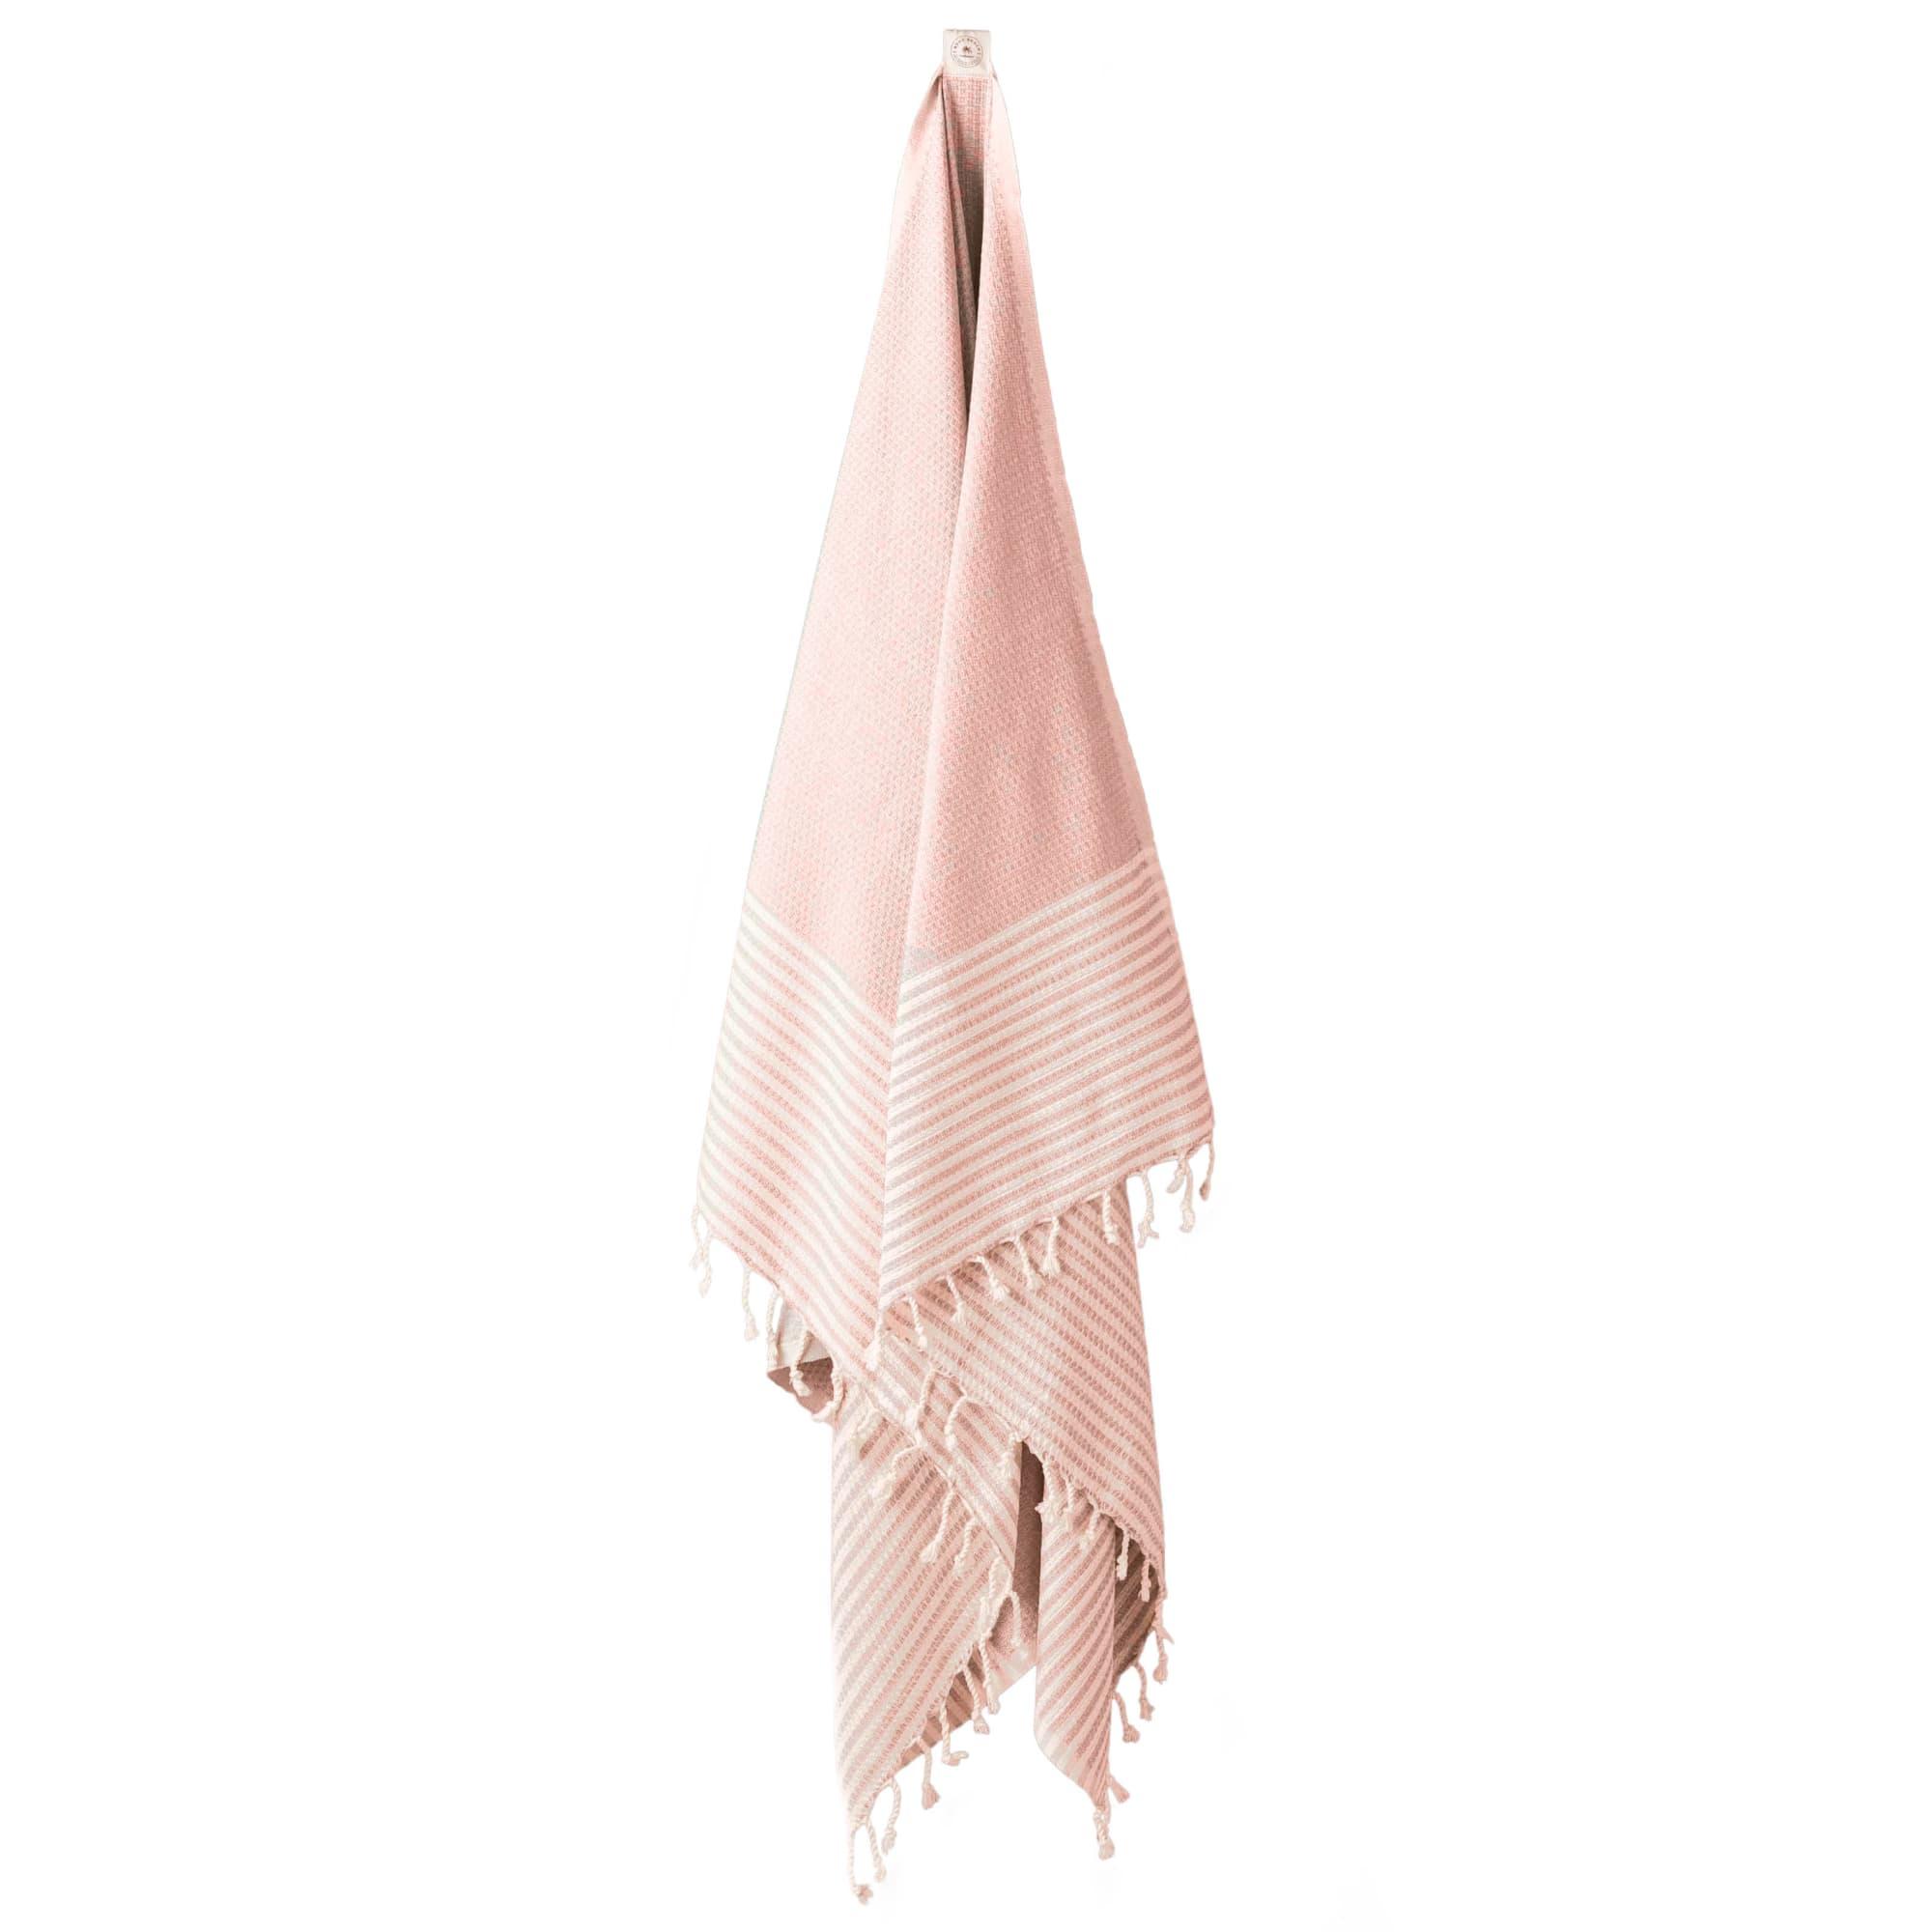 Hammamhåndklæde i 100% bomuld - 100 x 180 cm